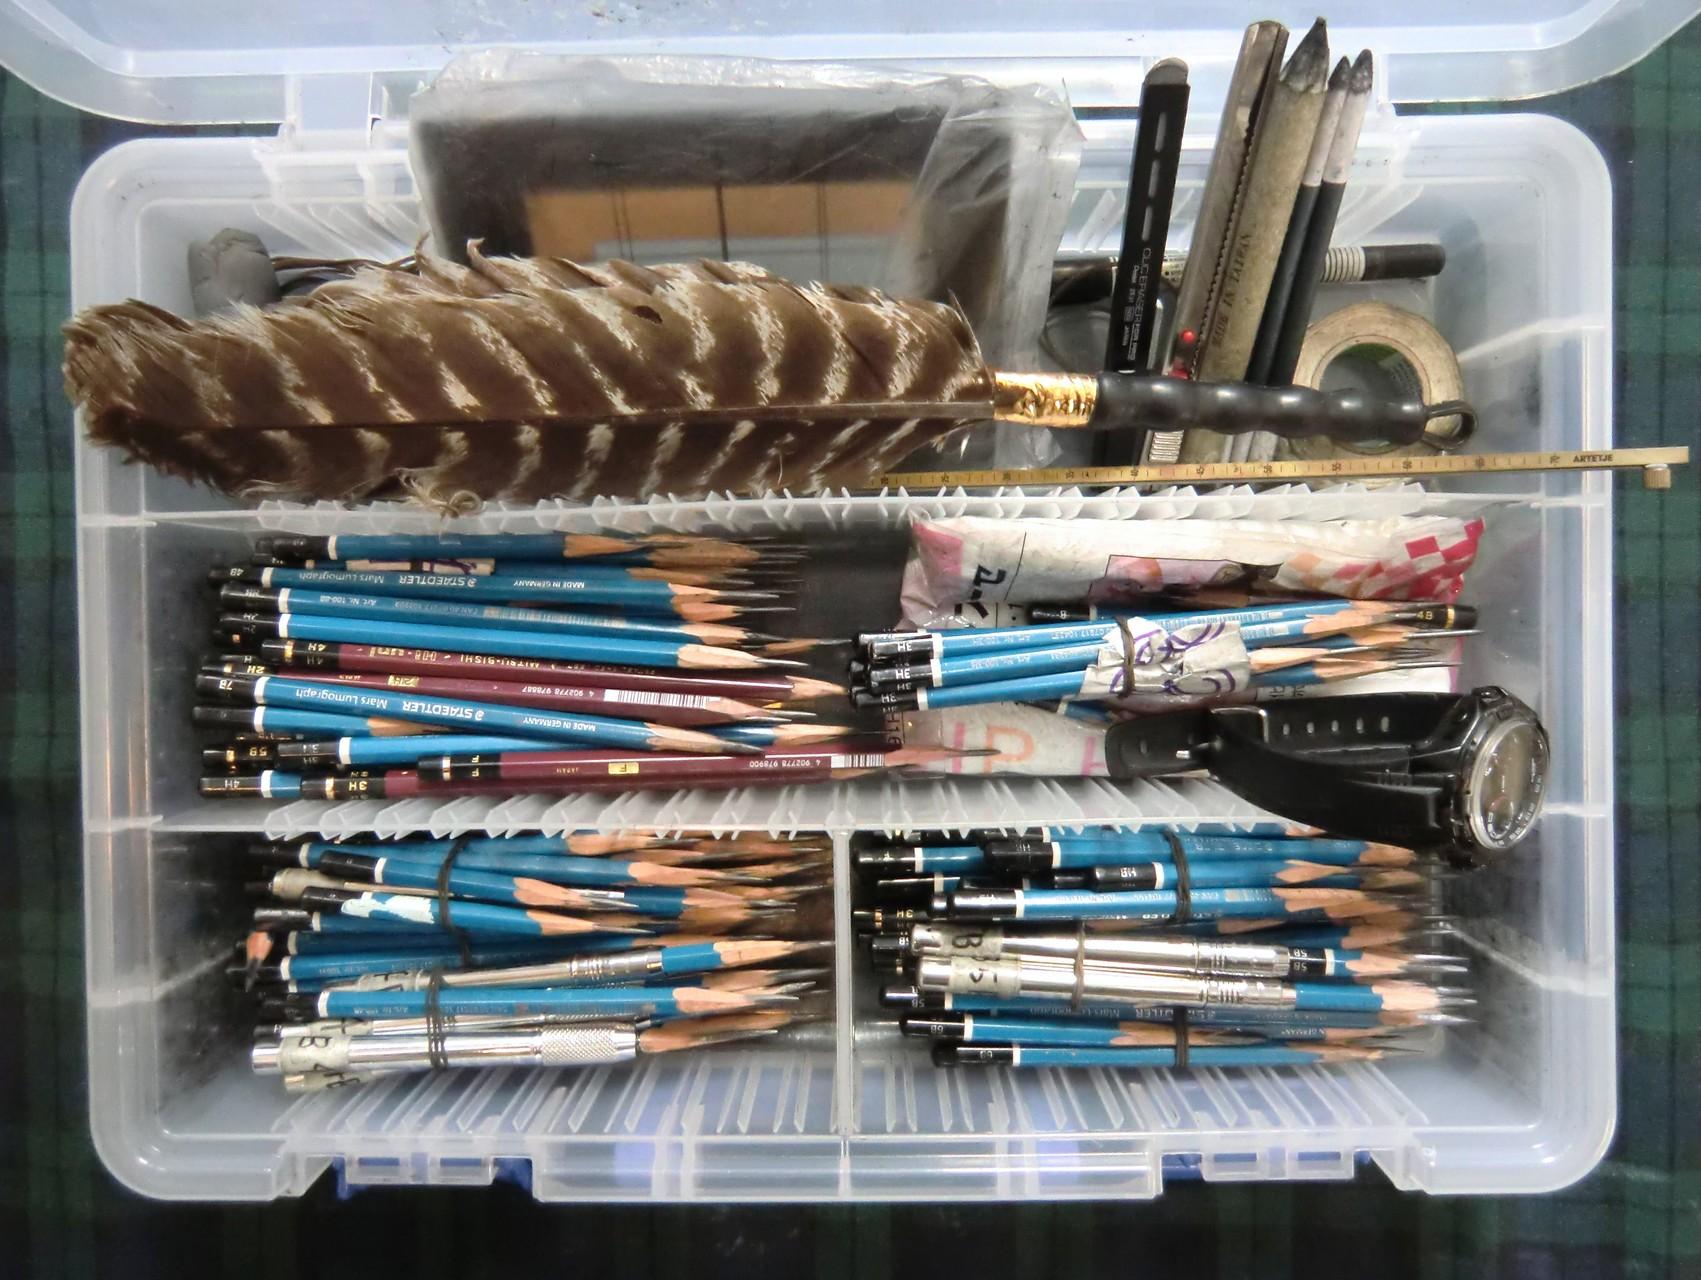 ルクレ教室生の鉛筆デッサン用具類。より良い道具を使いこなす為に、常に入念な手入れが必要である。